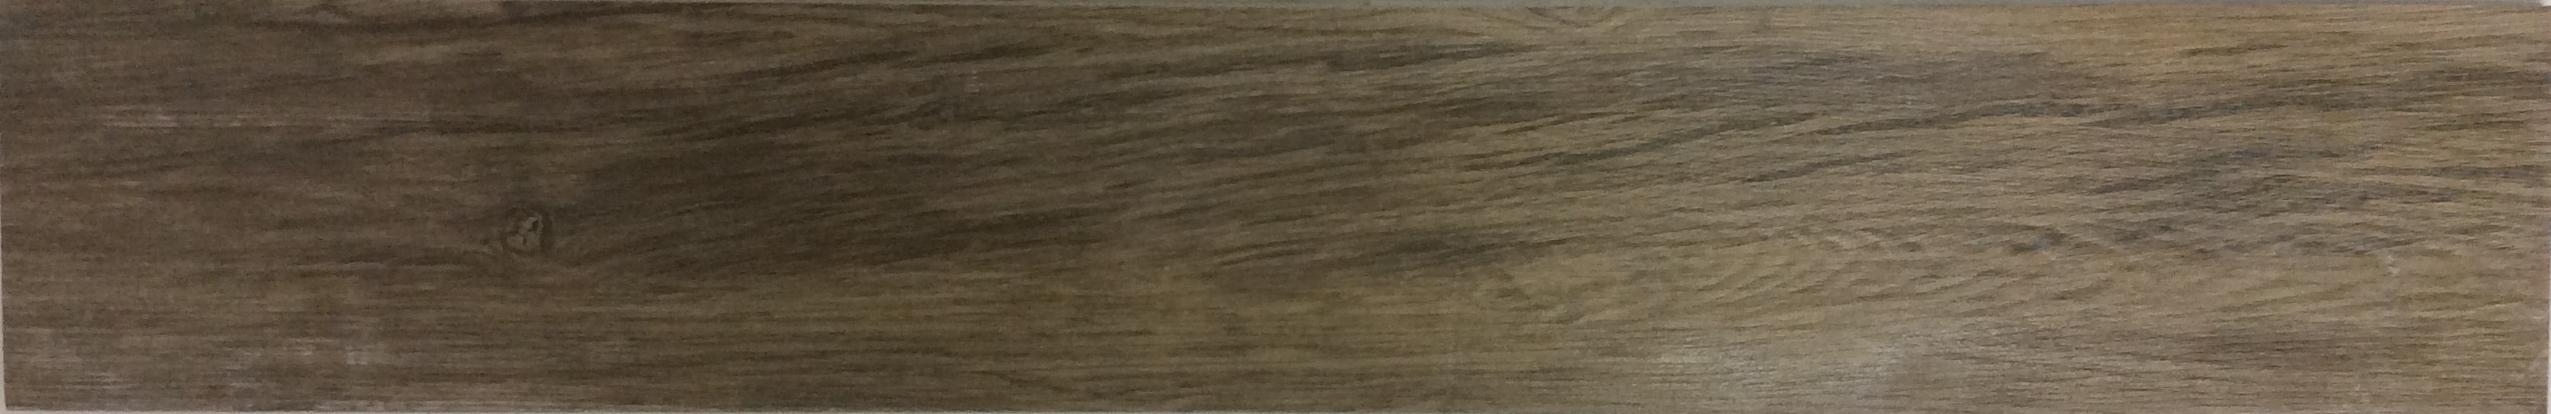 กระเบื้องลายไม้ 15x90 cm รุ่น VHD-07002